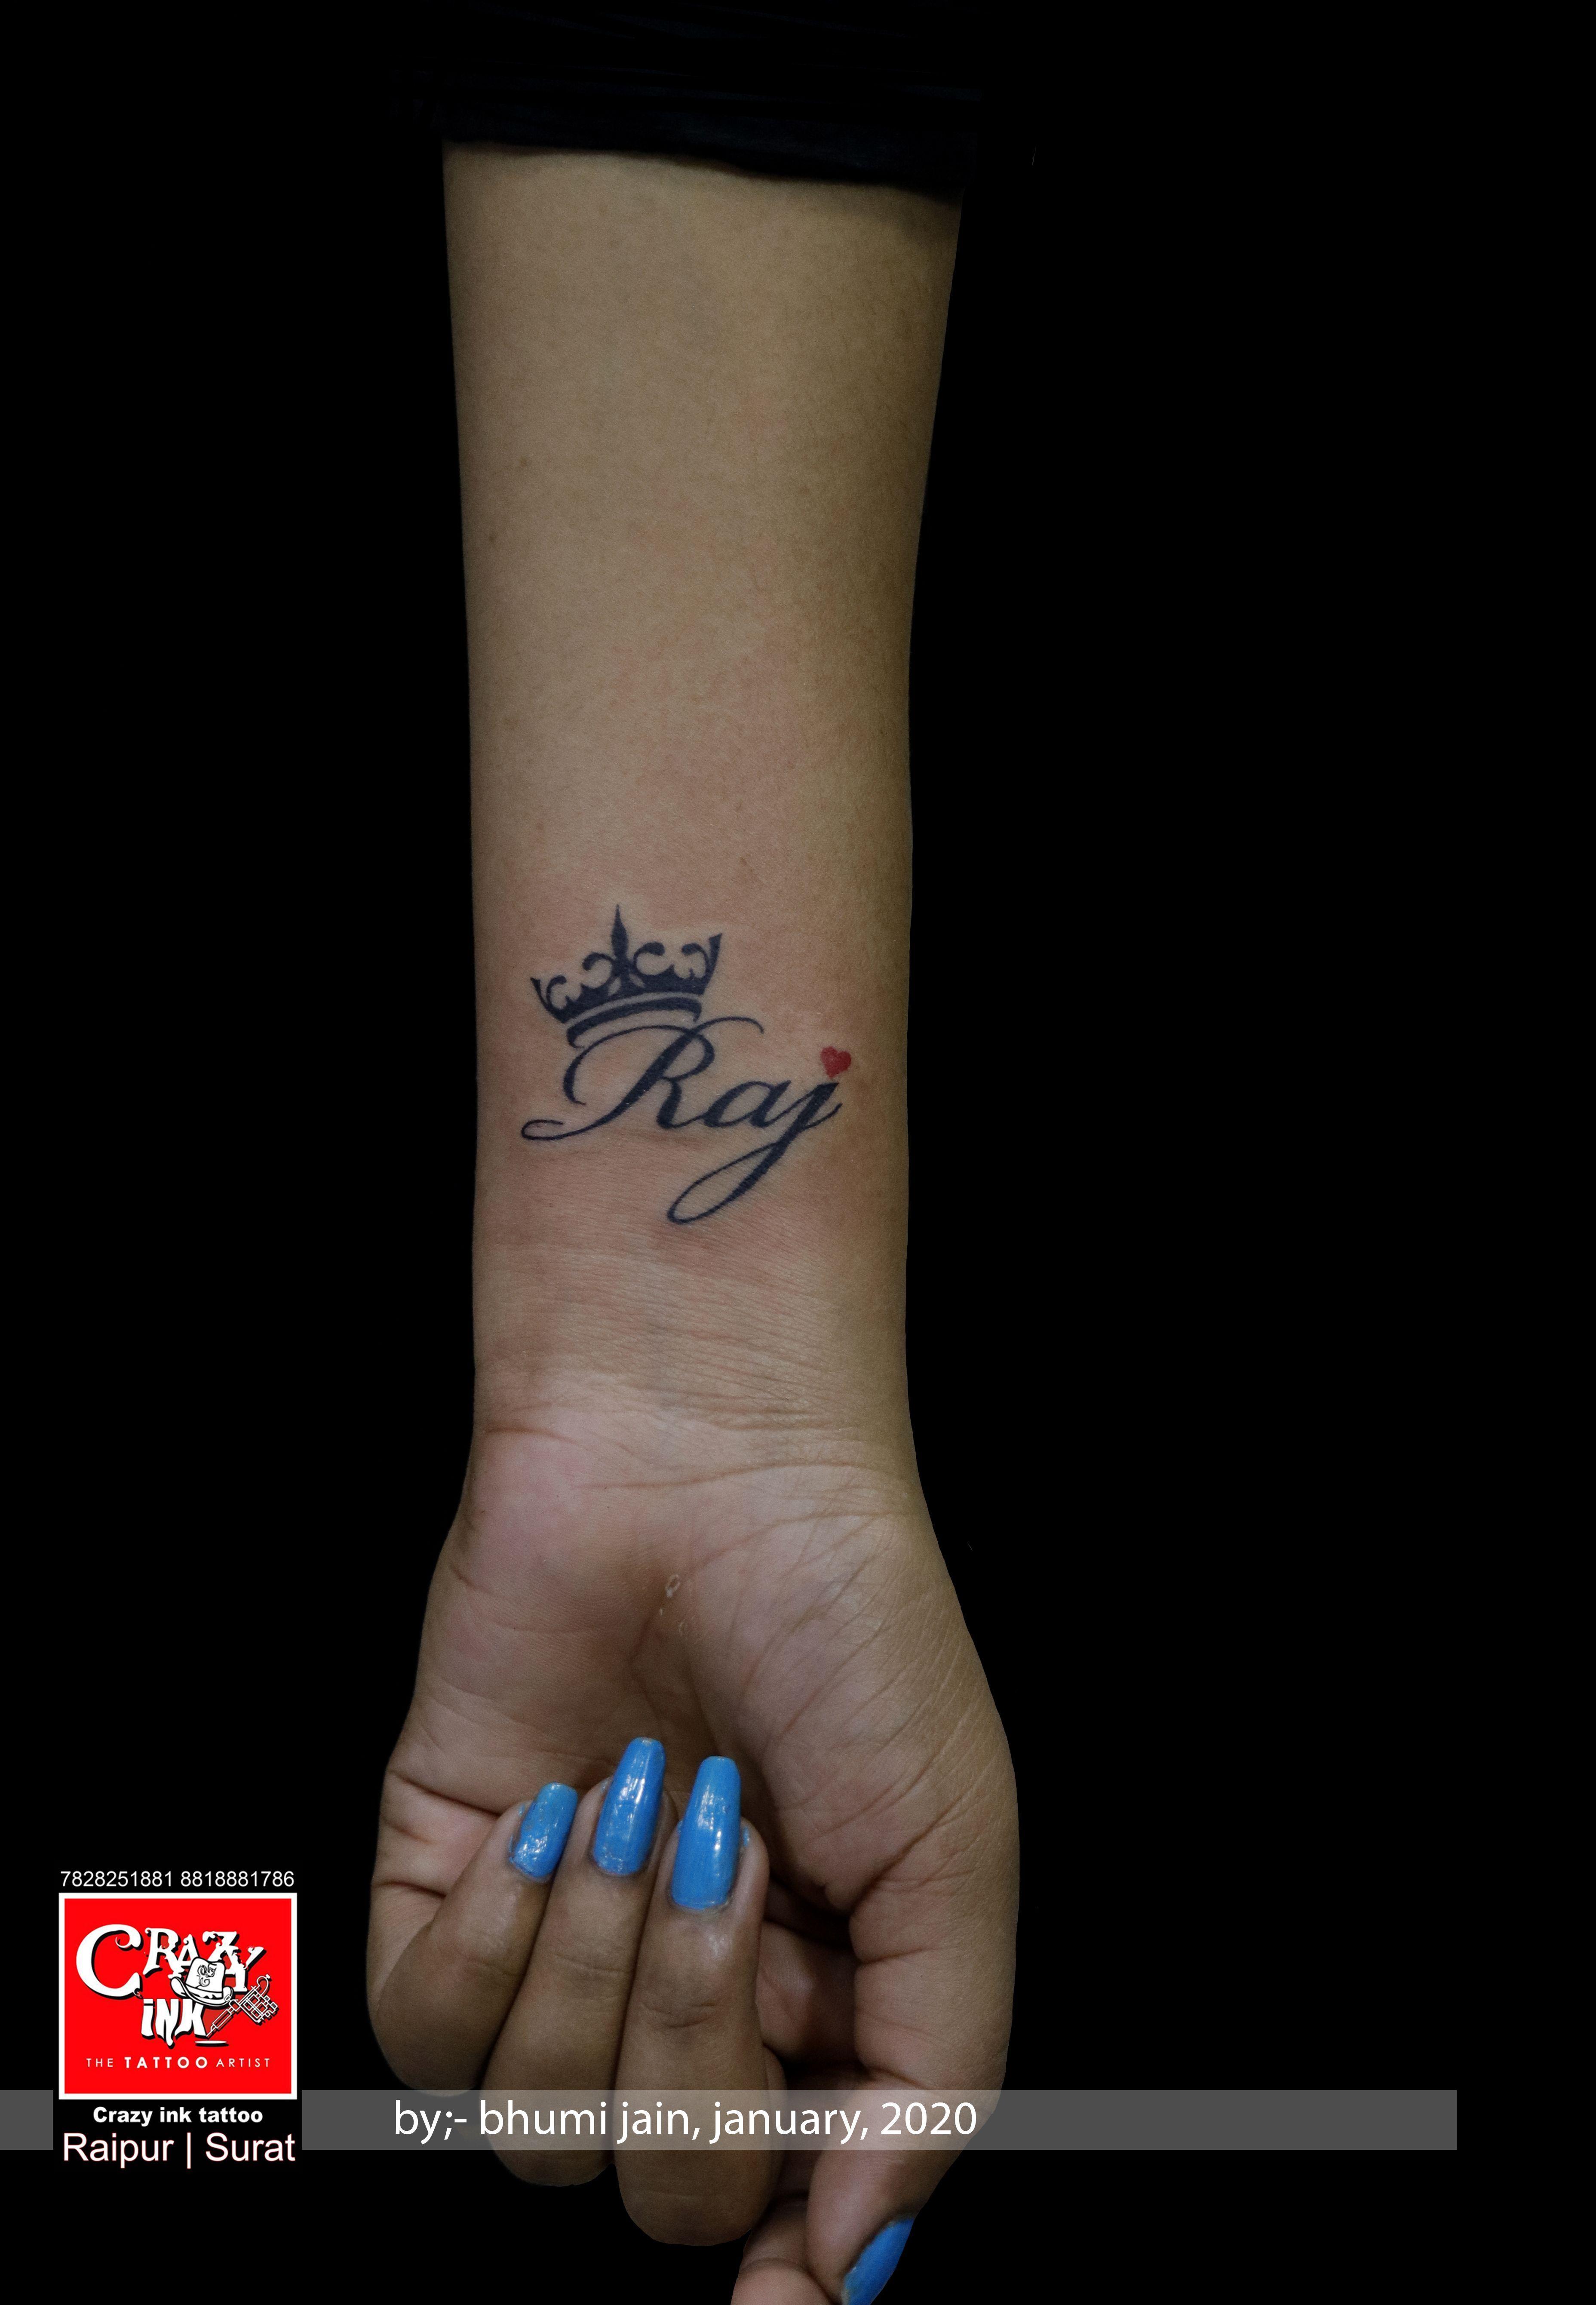 Hand Name Tattoo Design Tattoo For Women Http Viraltattoo Net Hand Name Tattoo Design Tat Name Tattoos On Wrist Name Tattoos For Girls Boyfriend Name Tattoos